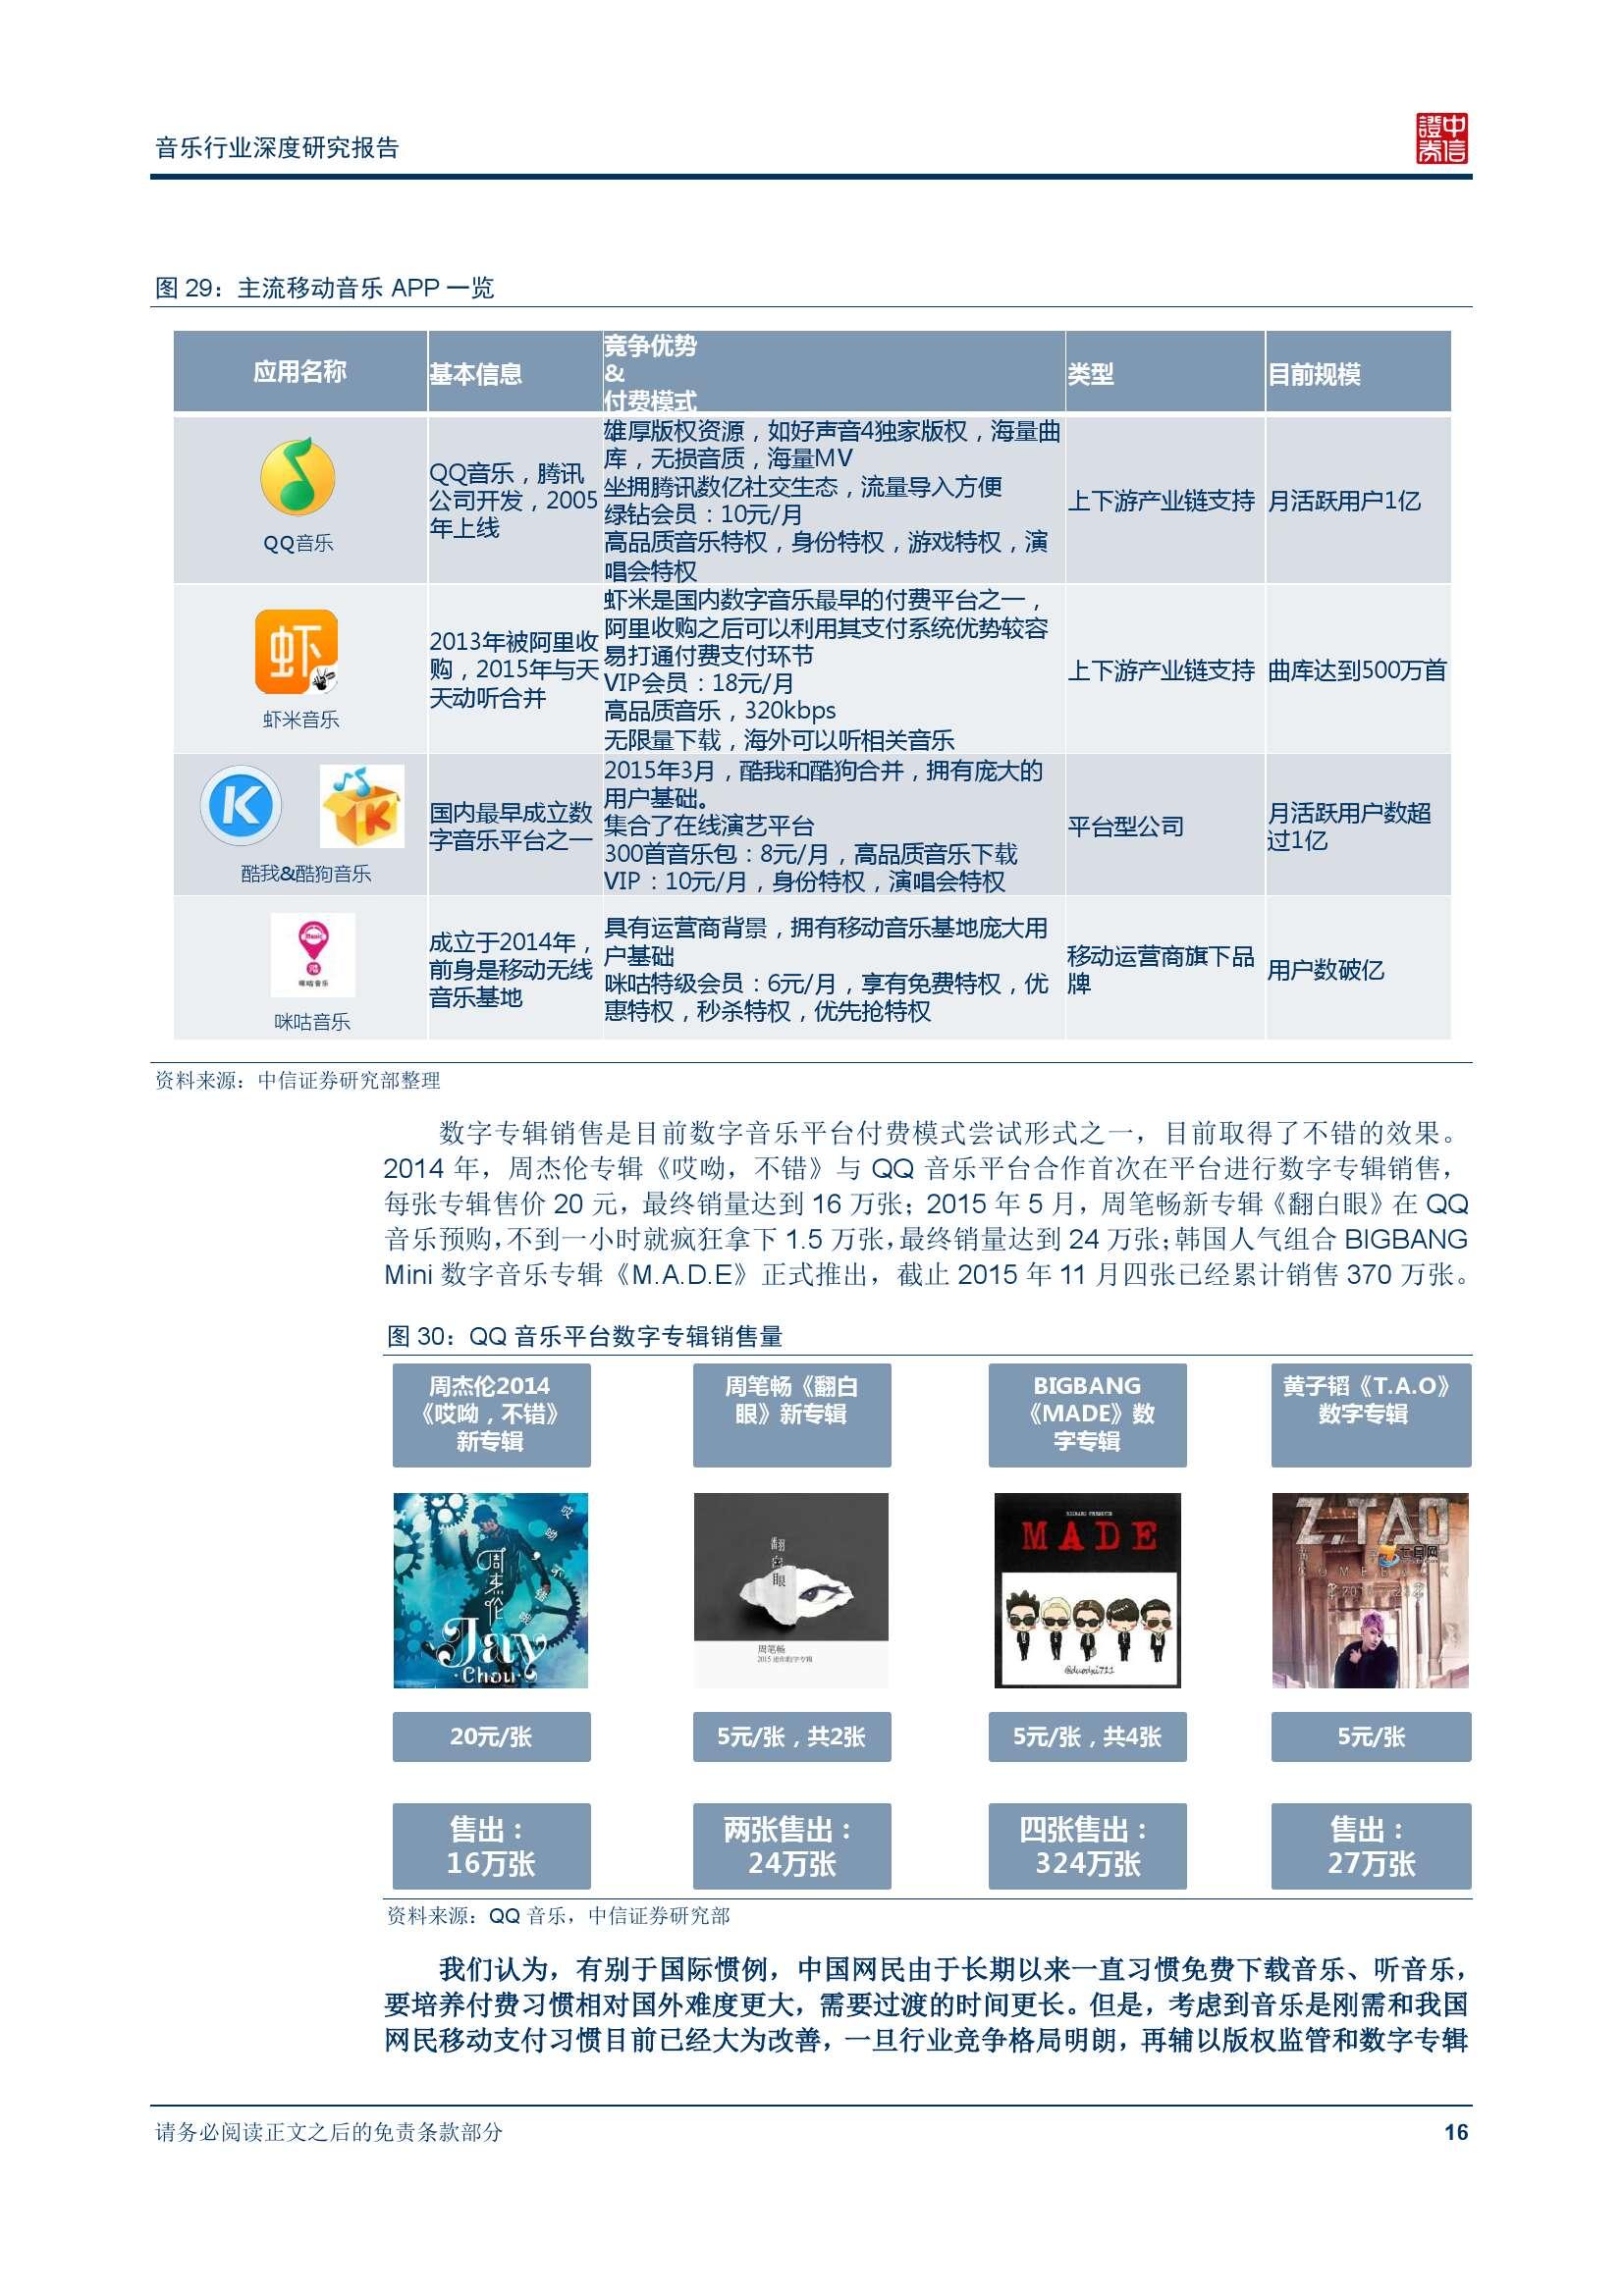 中信证券音乐行业深度研究报告_000021